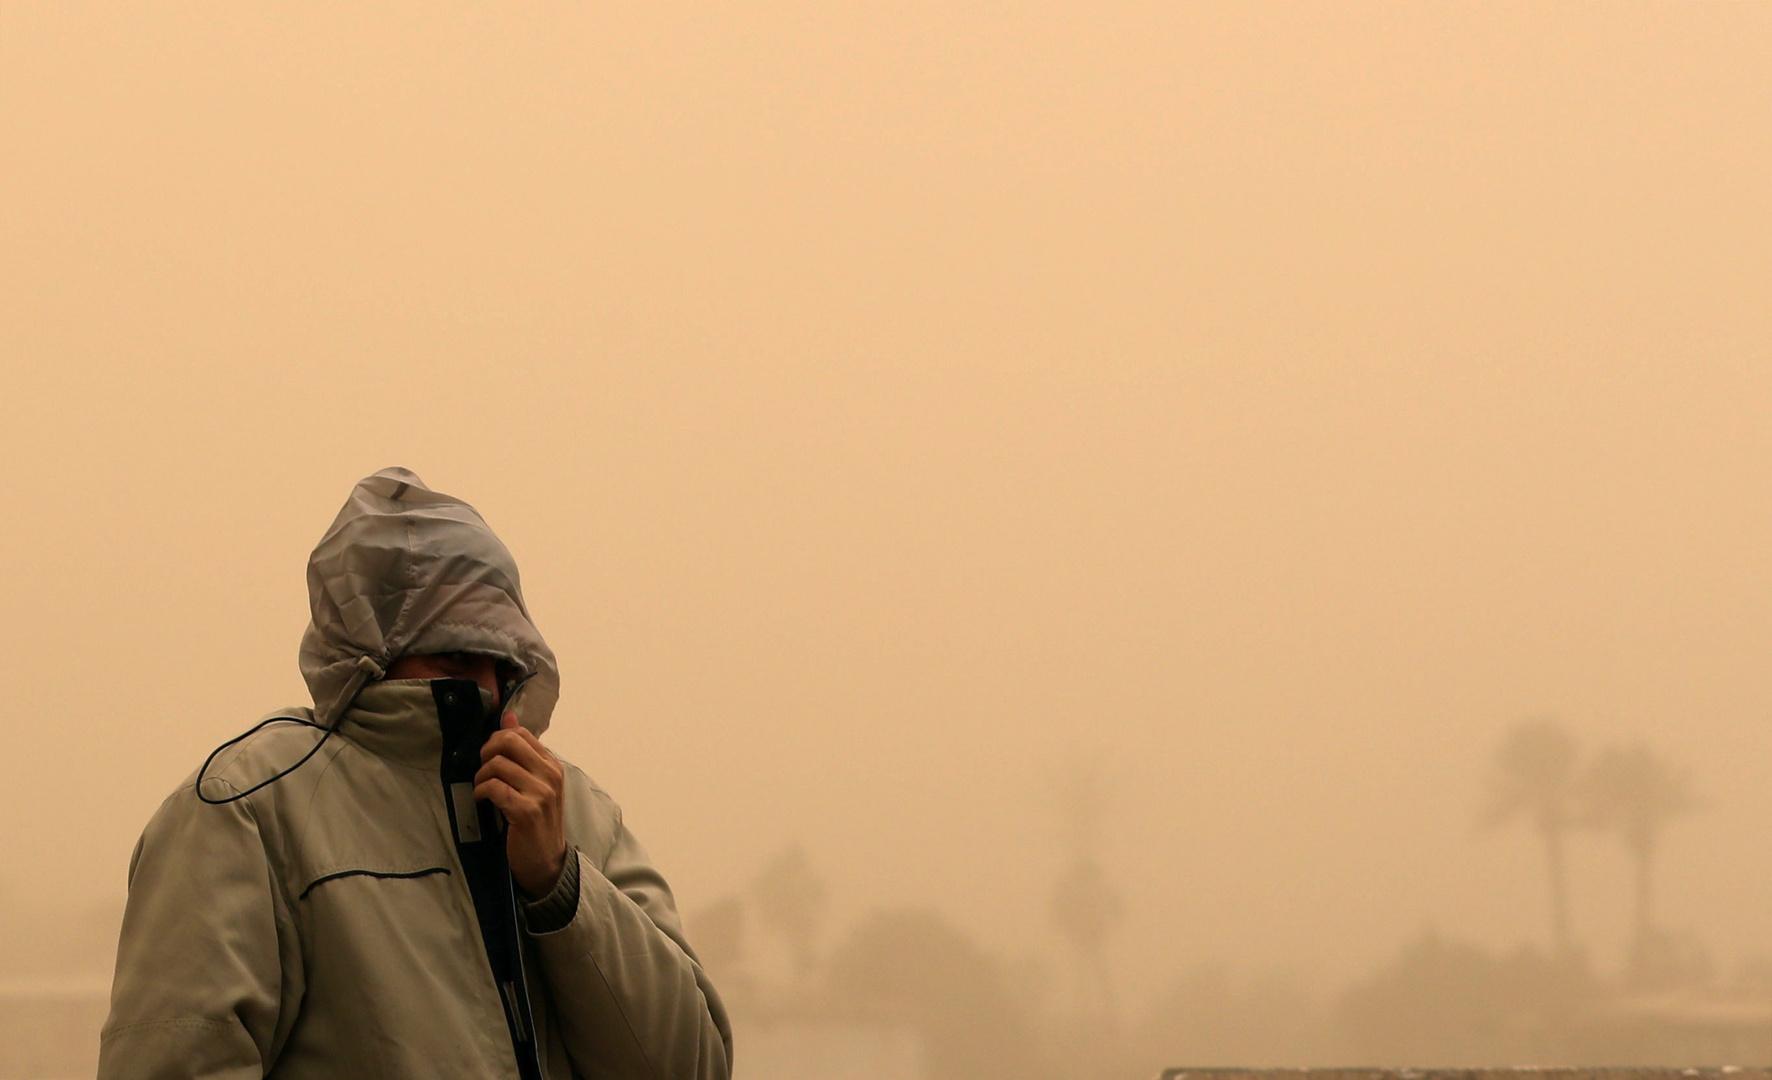 سقوط قتلى وجرحى بسبب الأمطار في مصر والأرصاد تحذر من الطقس